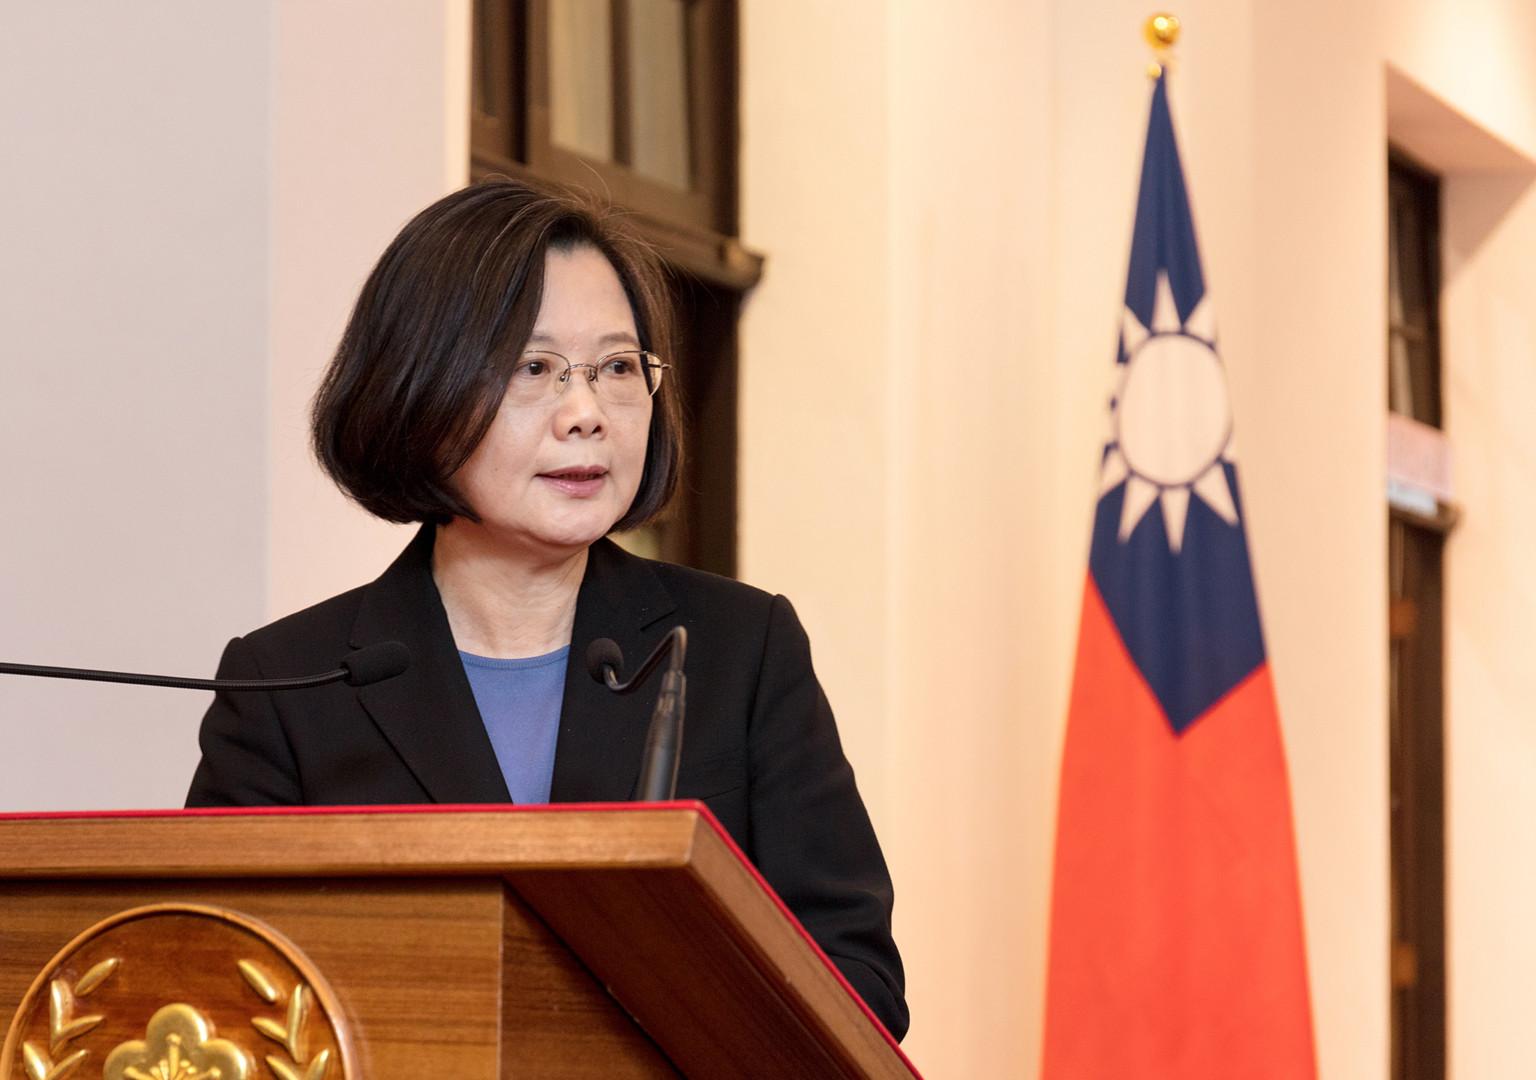 在台灣,總統蔡英文早前強調不會接受一國兩制與九二共識,以回應中國的「習五點」。(亞新社)